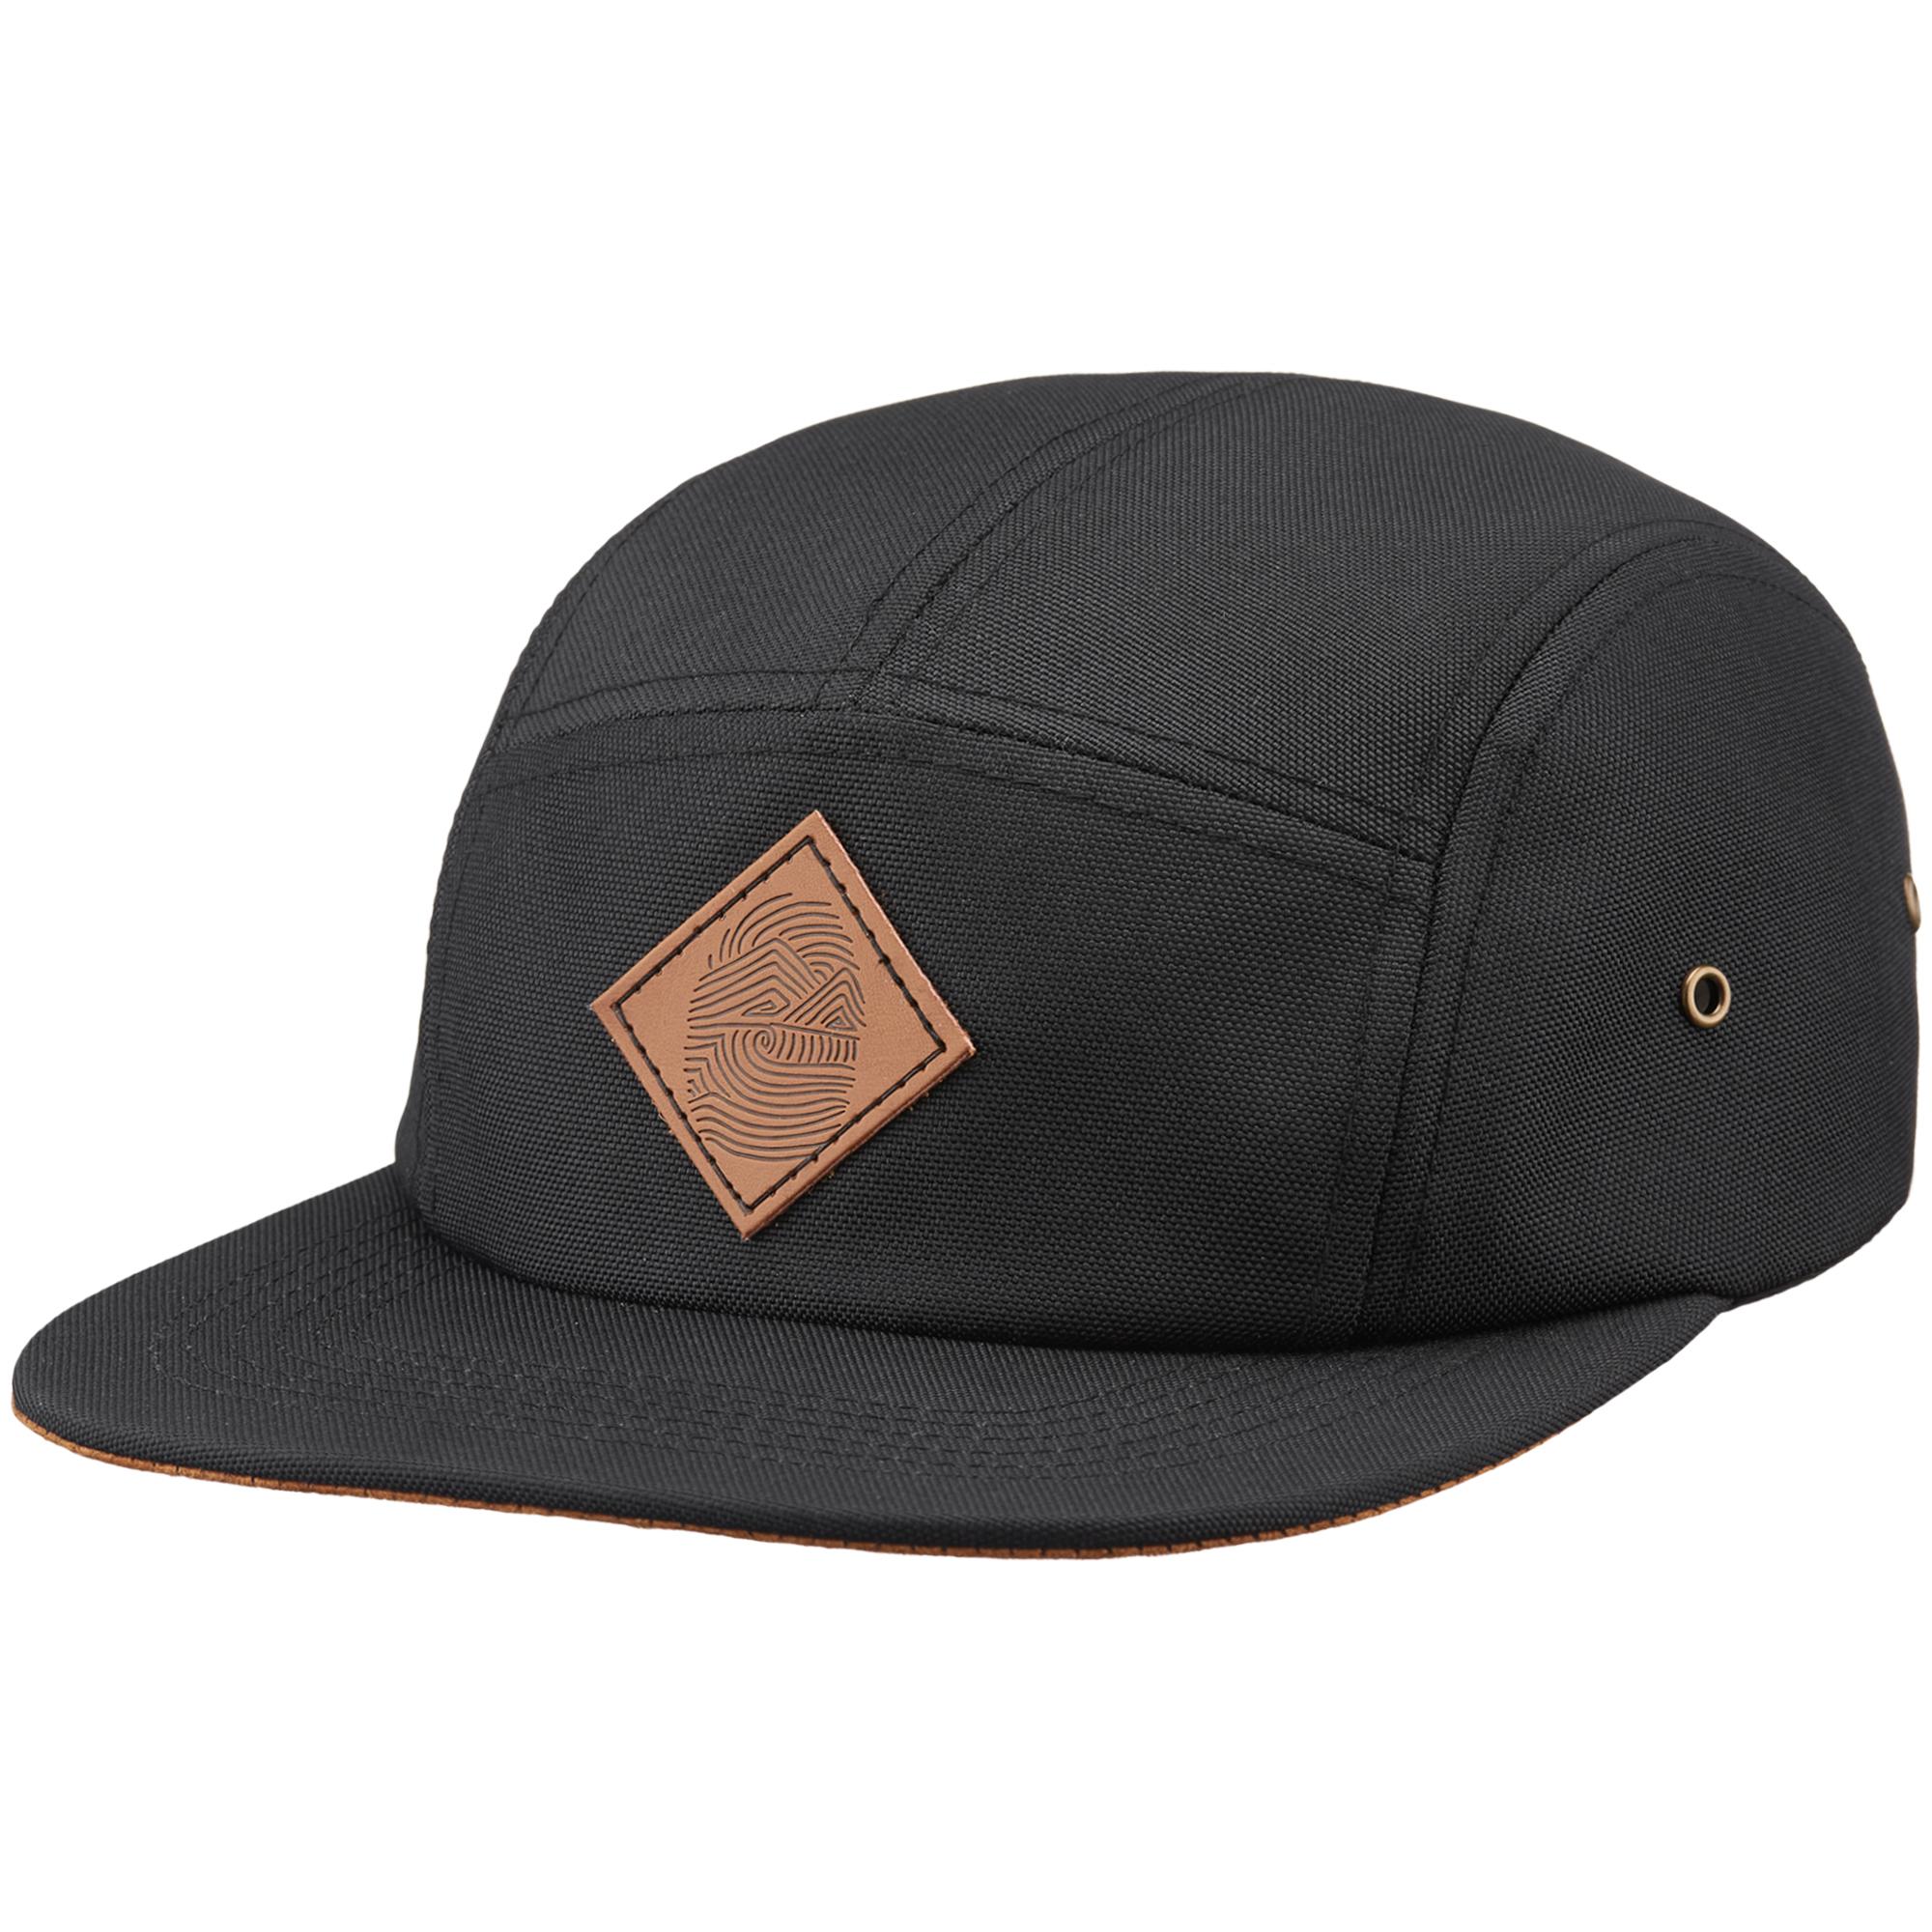 4d4b25c148e981 Black Diamond Thumbprint Hat - One With Nature